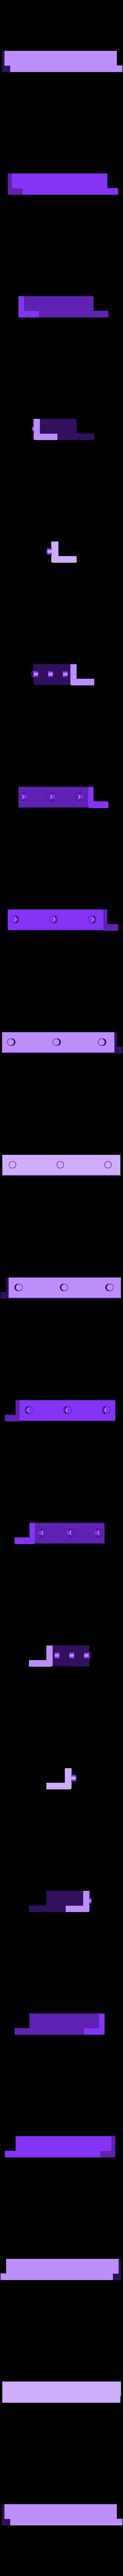 bord charrette gauche.STL Télécharger fichier STL gratuit charrette 2 roue • Objet à imprimer en 3D, trixo416